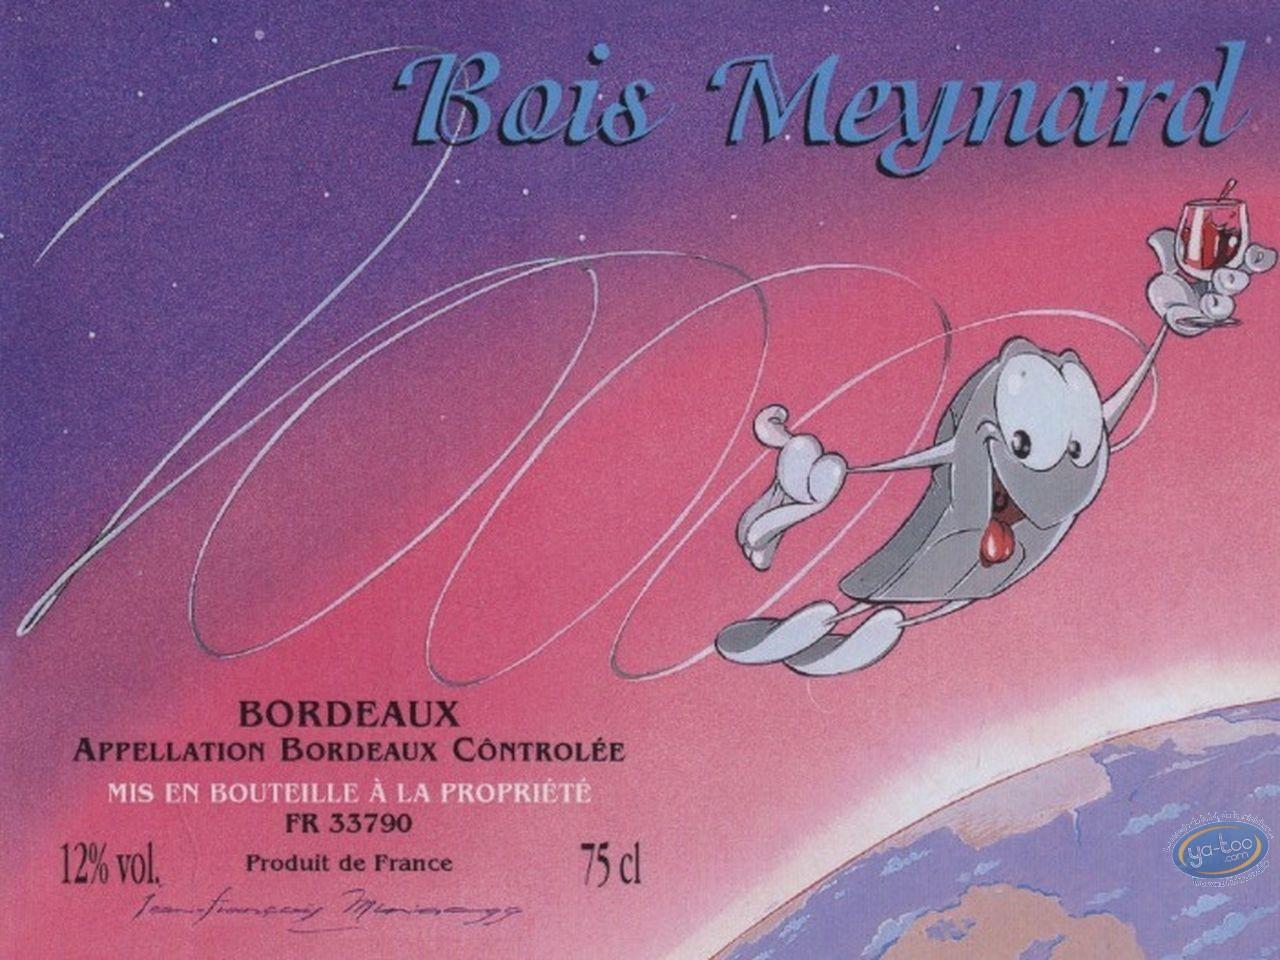 Etiquette de Vin, Santée - Bois Maynard 2000